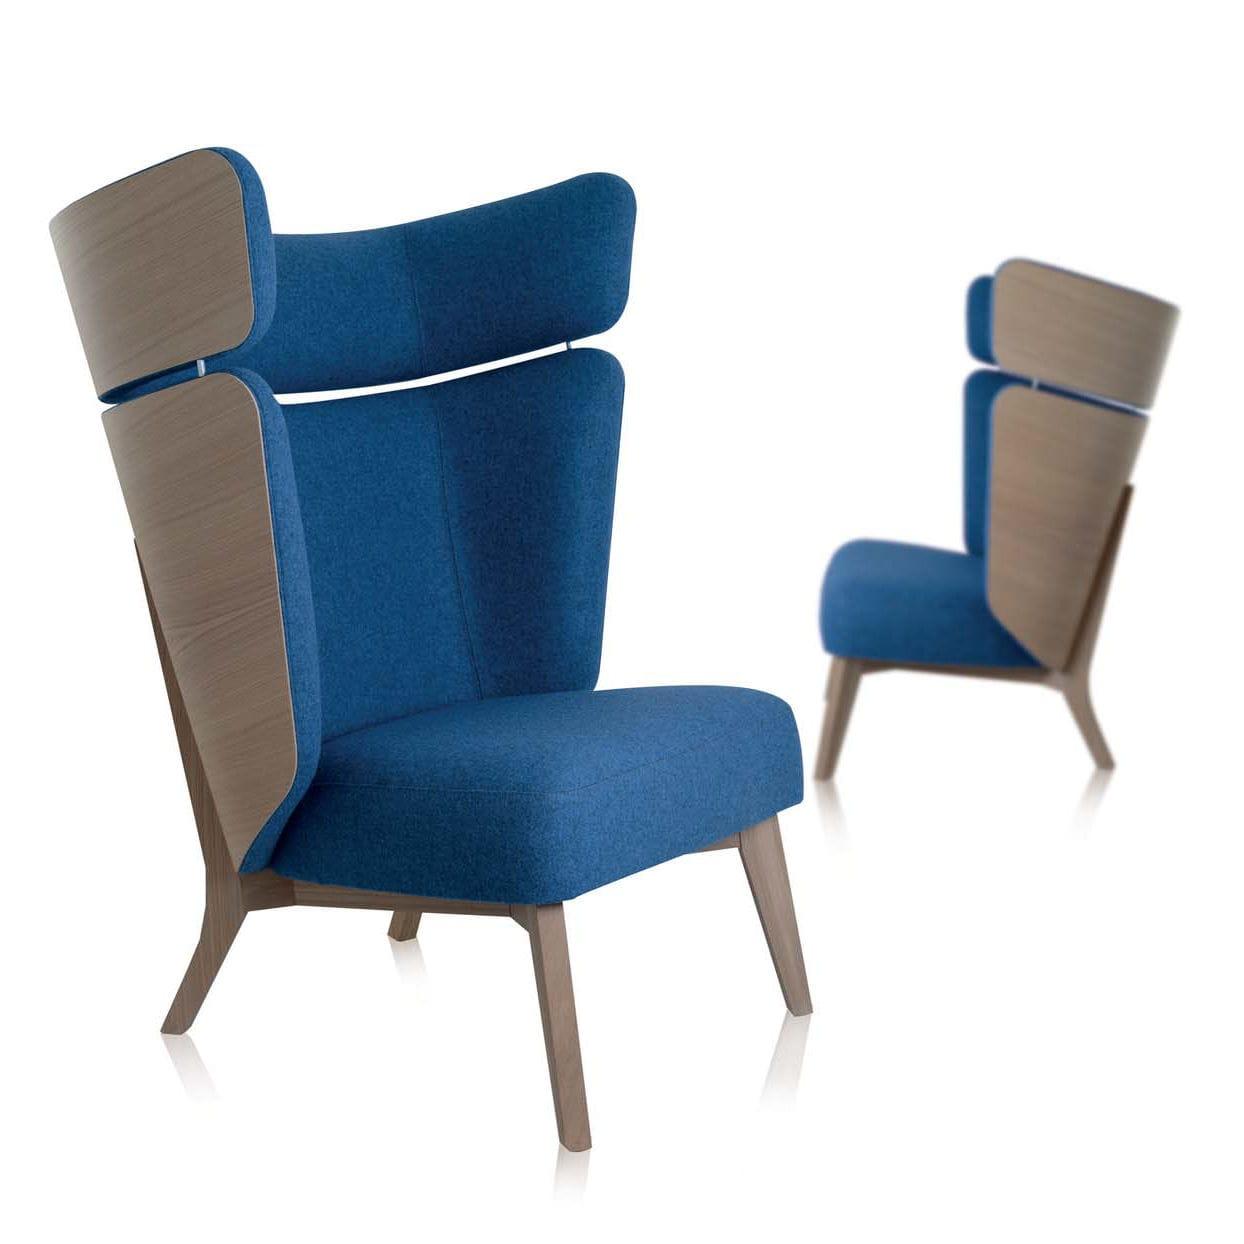 Wundervoll Sessel Xl Das Beste Von Moderner / Stoff / Aus Eiche /